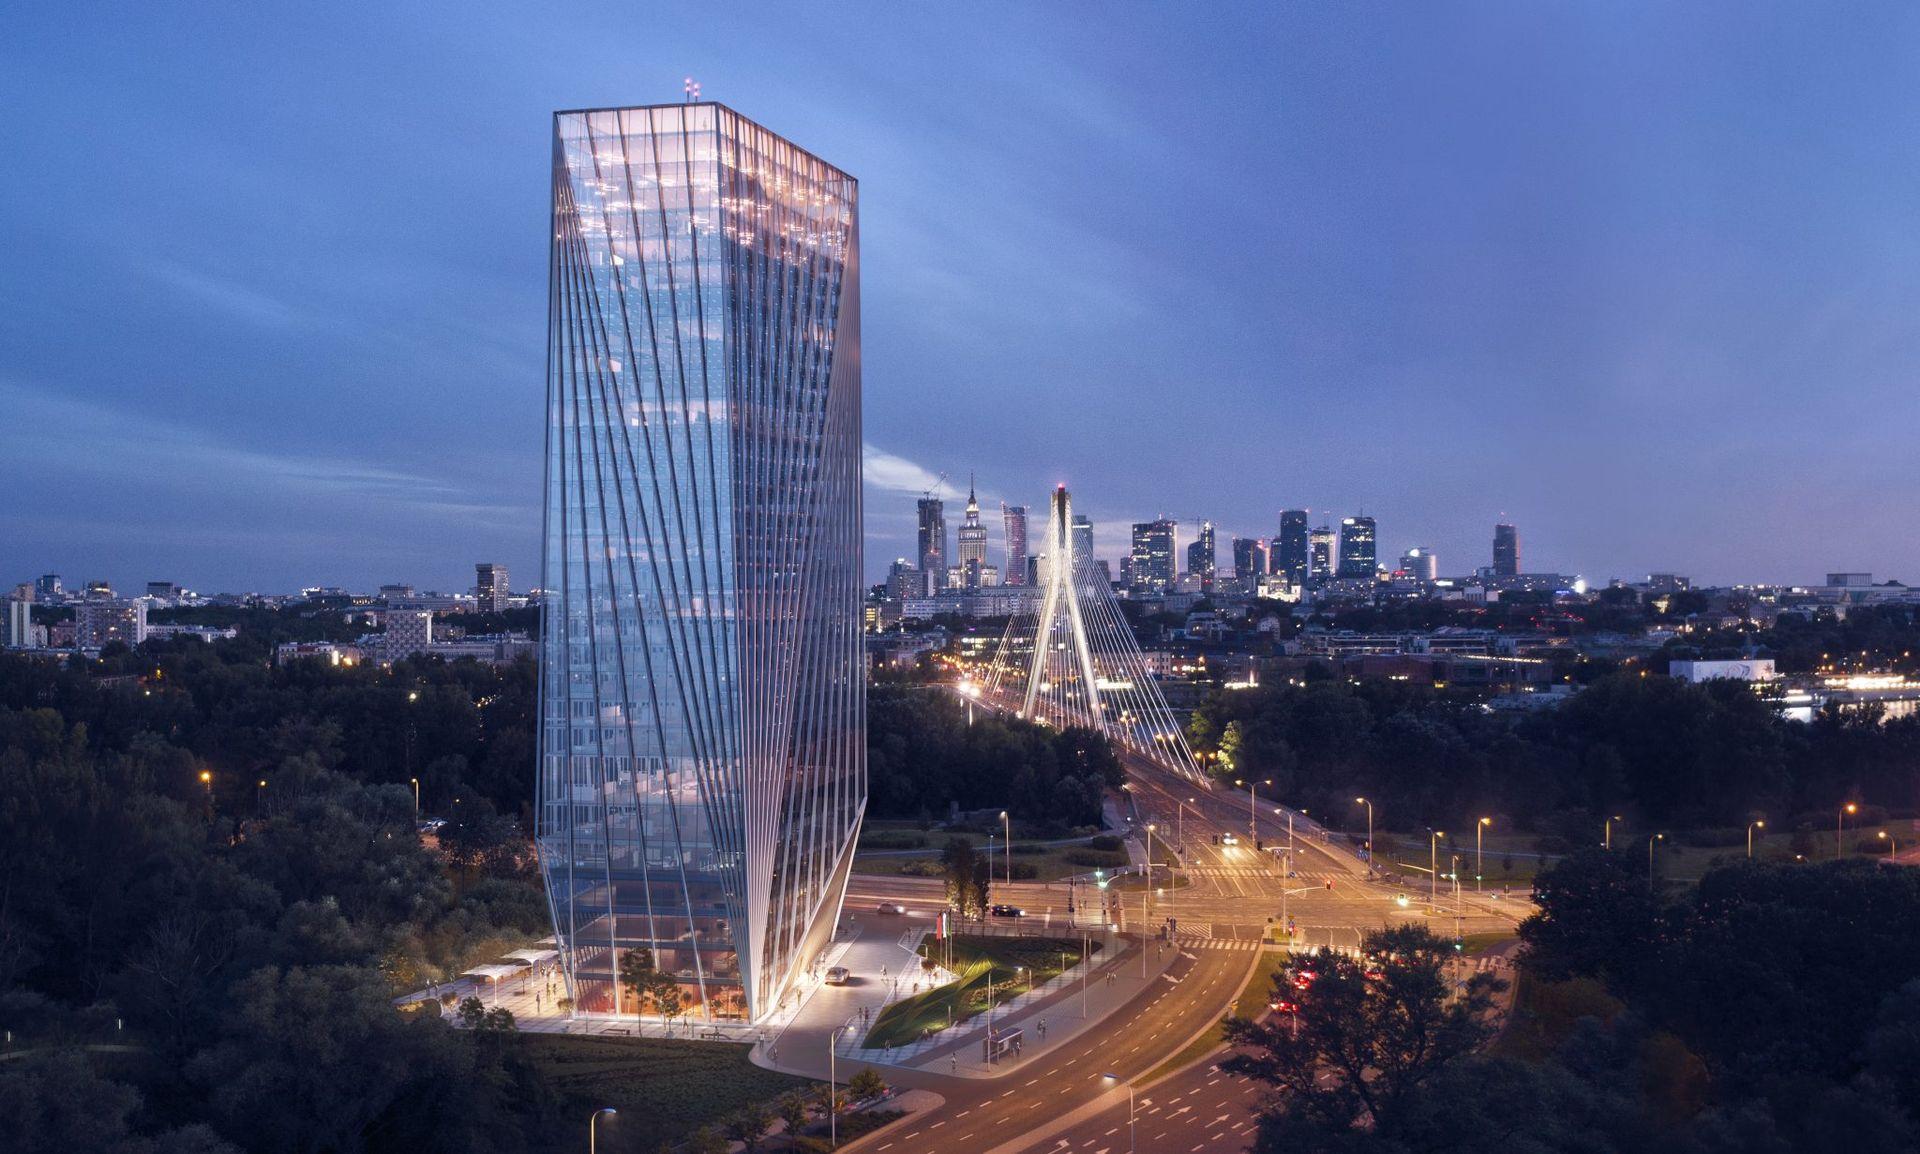 Warszawa: Pracownia Kuryłowicz Architekci zaprezentowała projekt nowego wieżowca